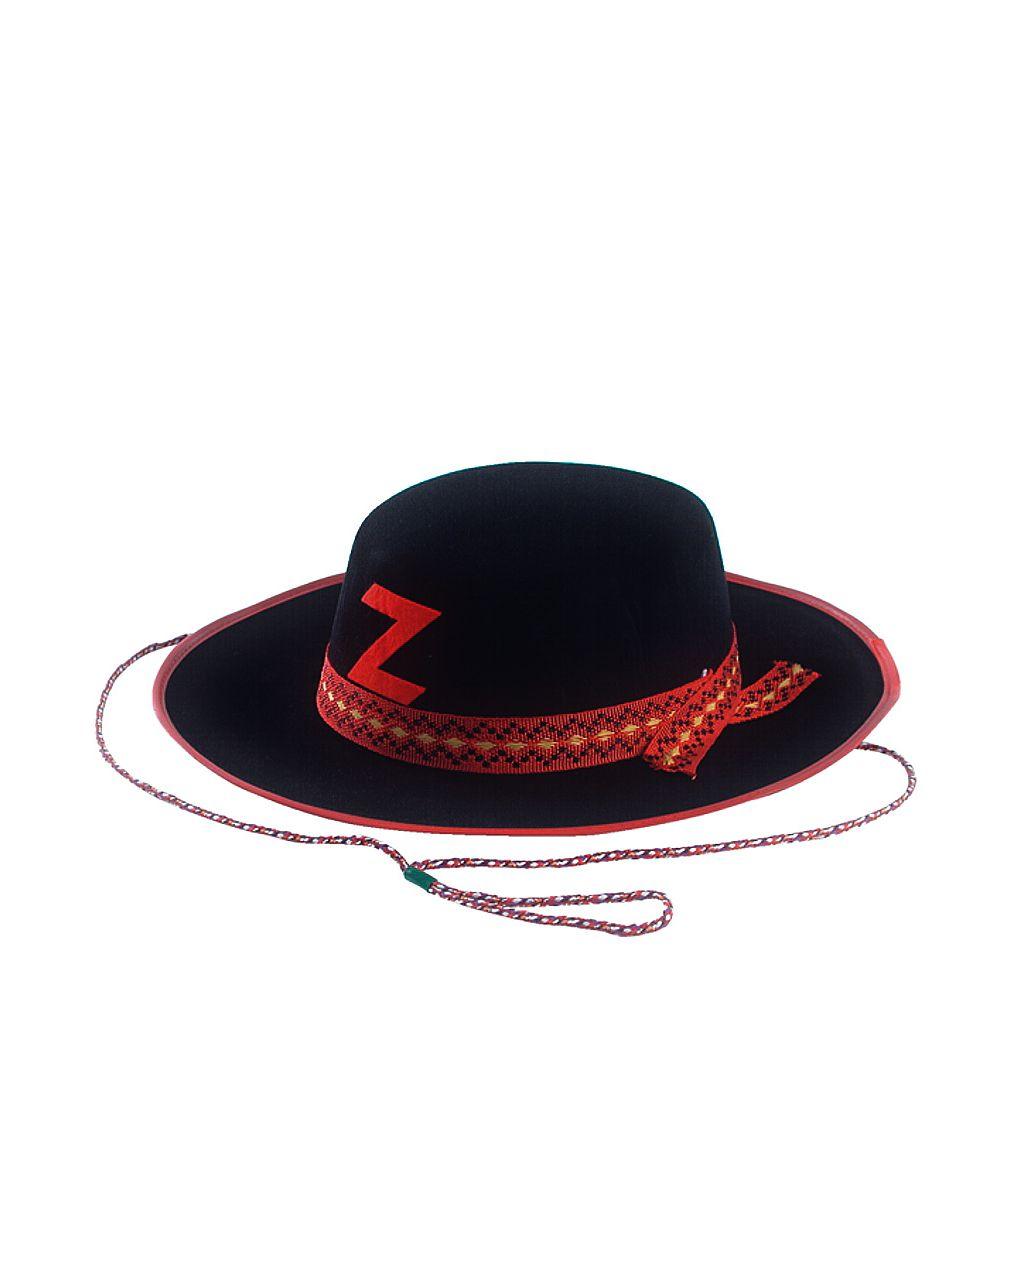 Cappello bimbo in rasetto modelli assortiti - Carnival Toys